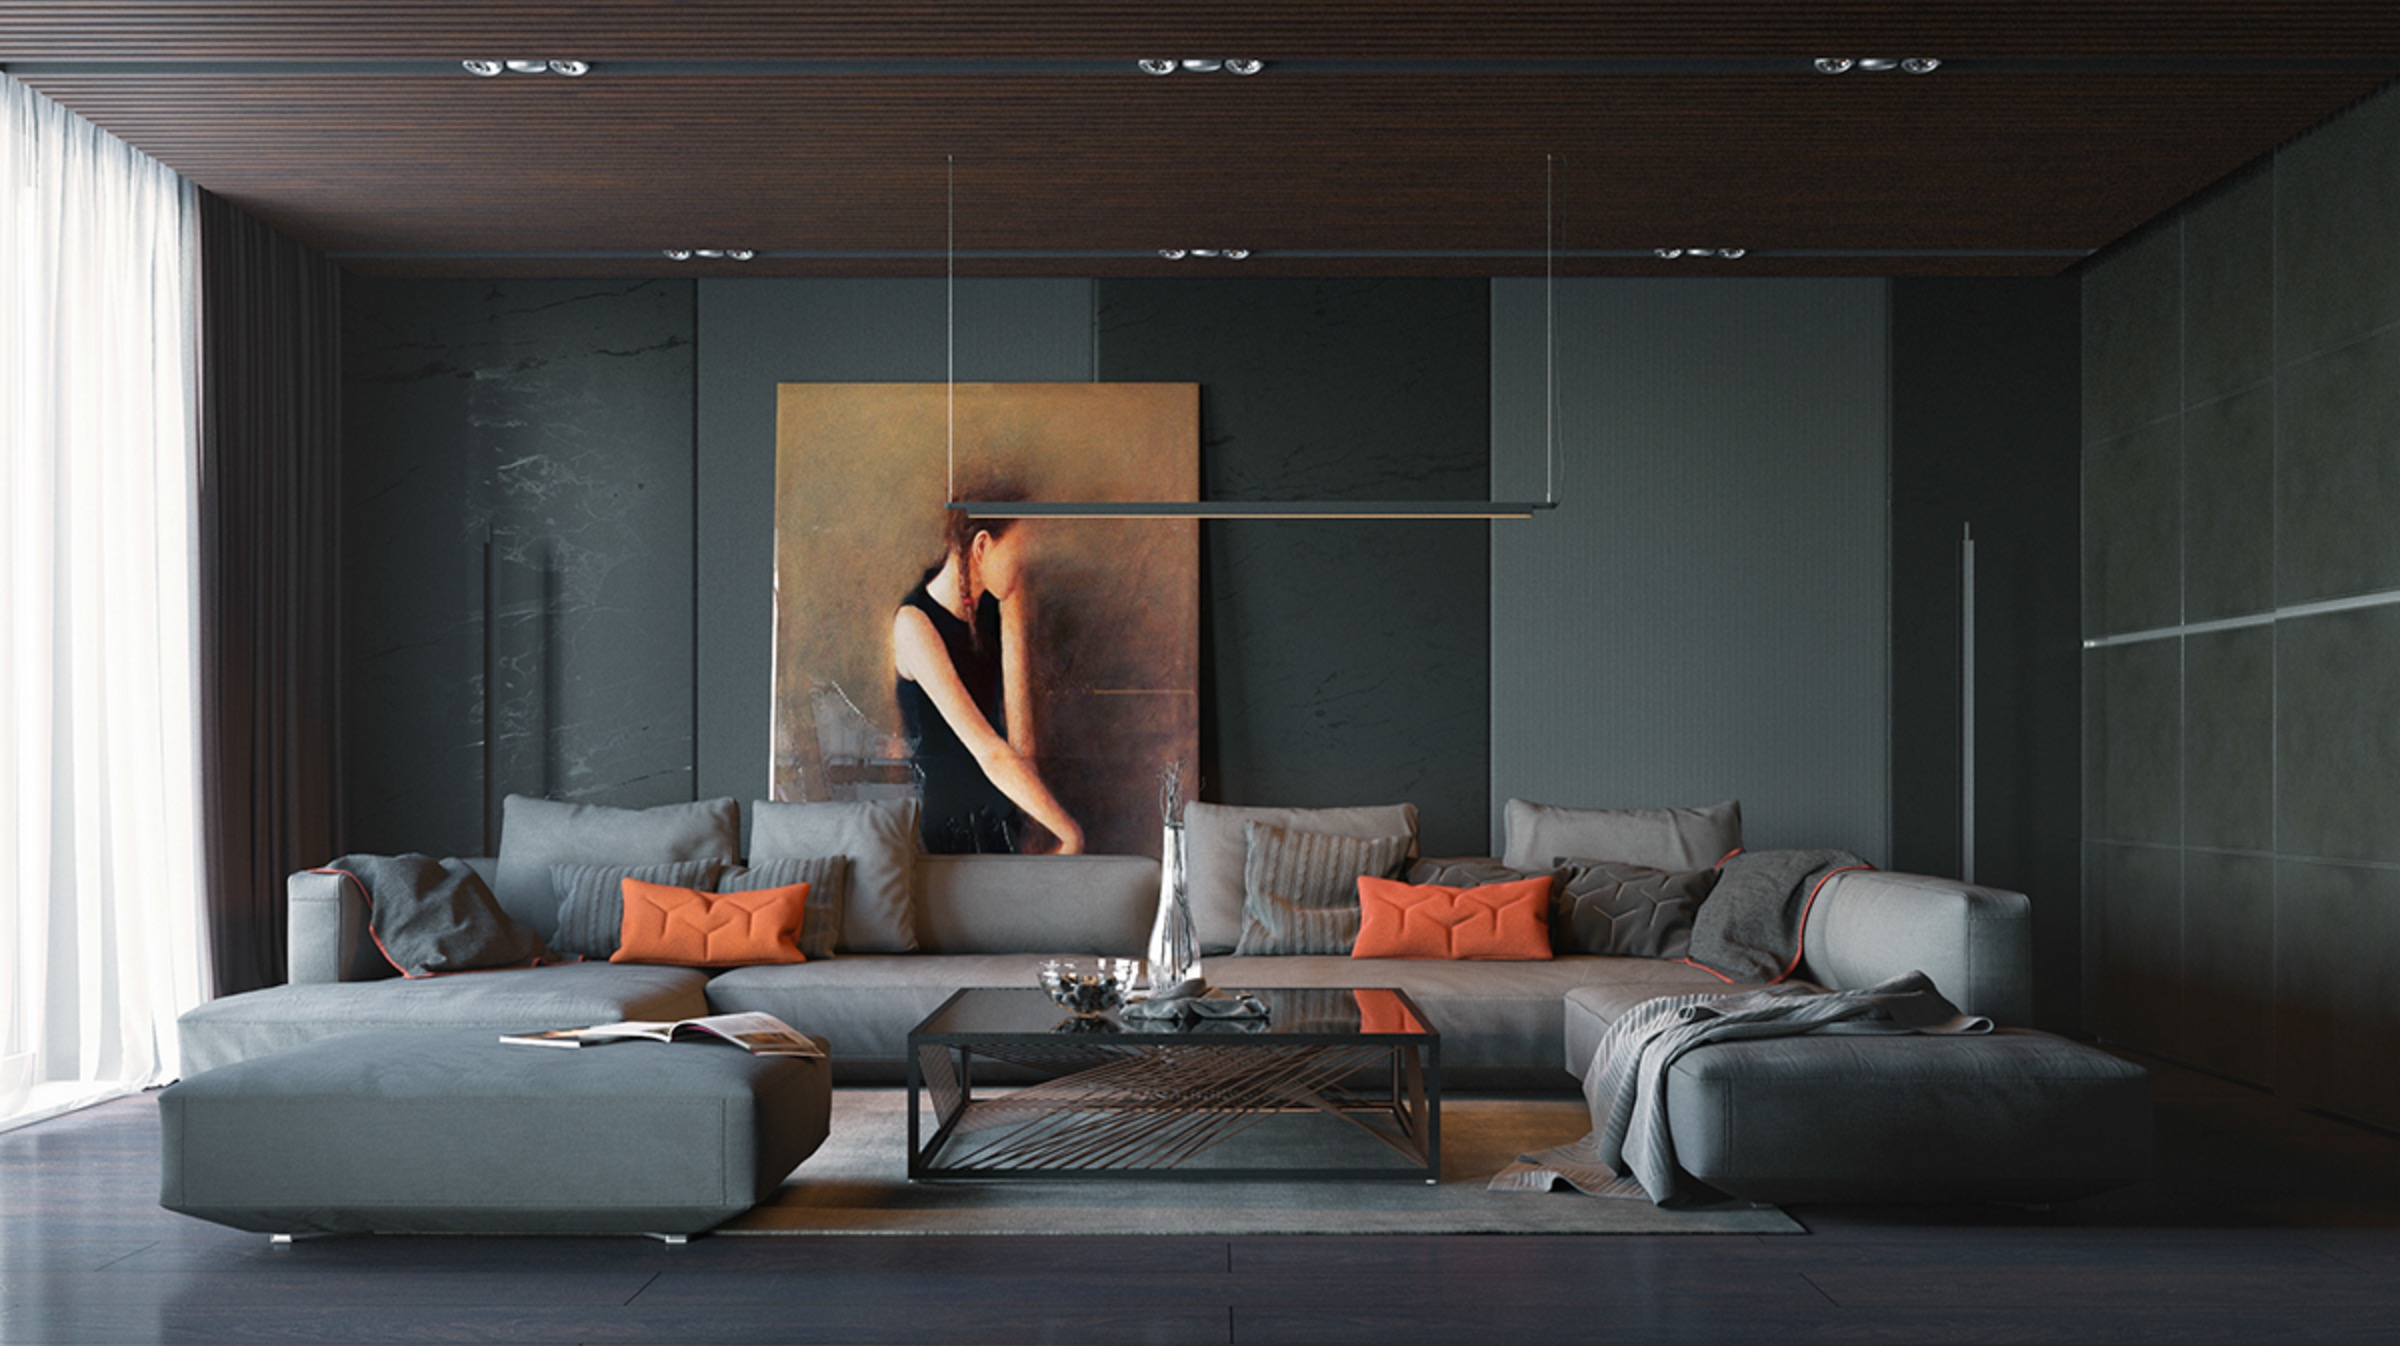 orange-and-black-interior-artwork-ideas